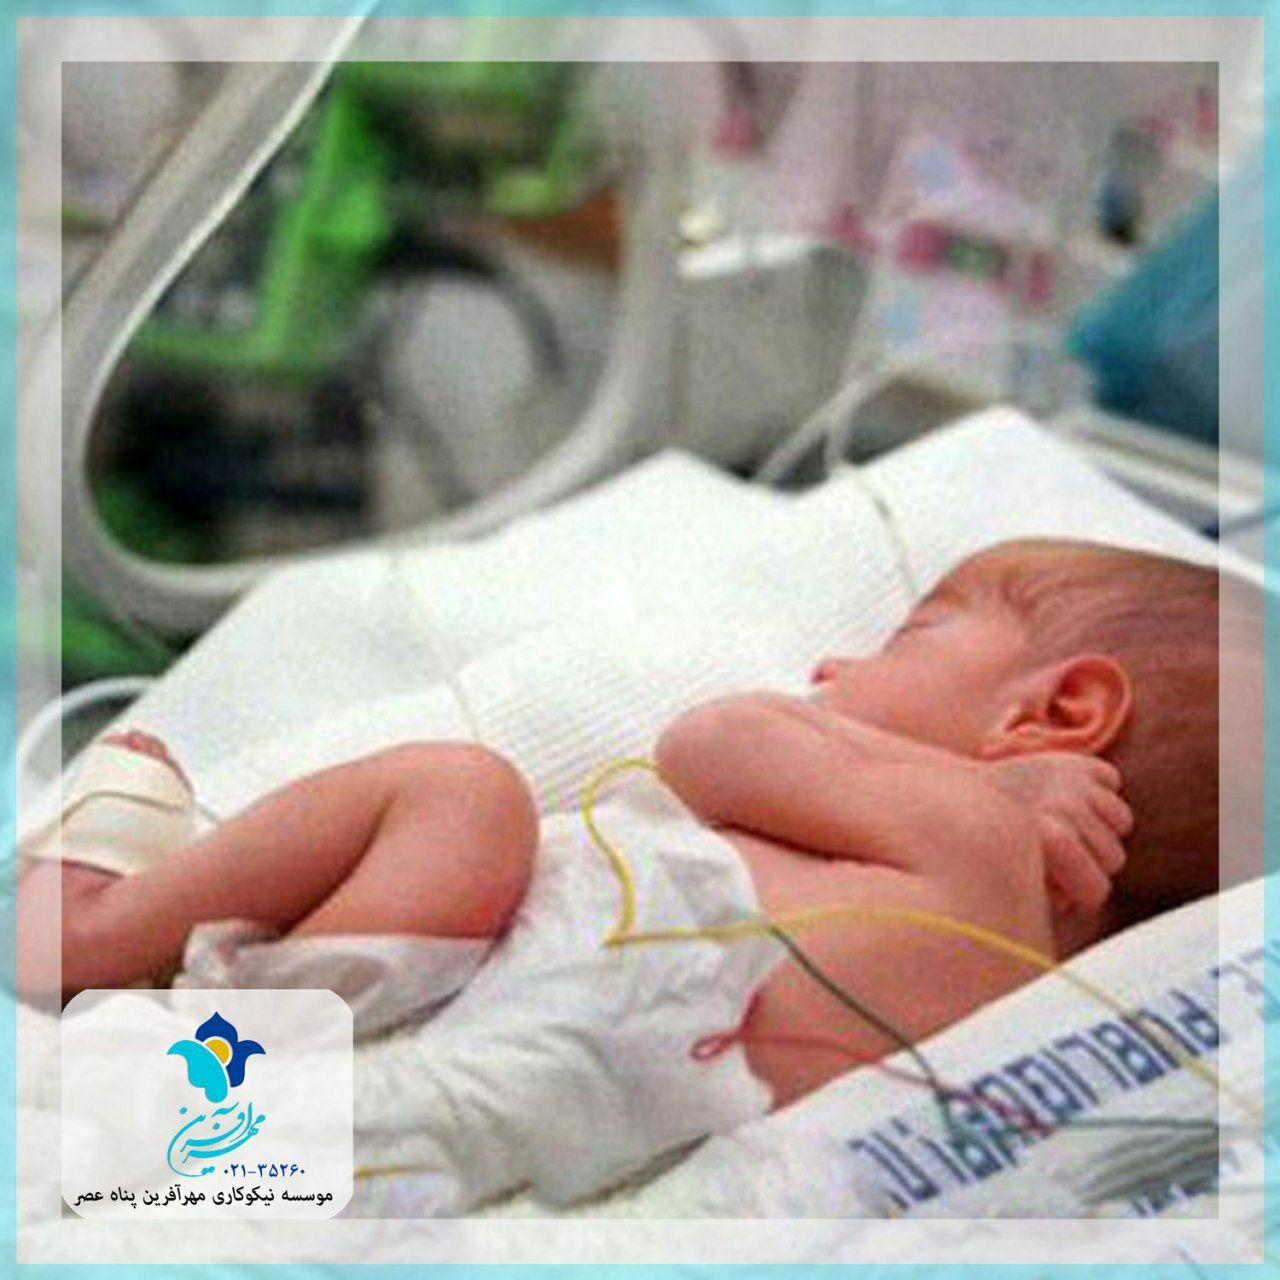 چانه زدن برای خرید و فروش نوزاد/ صف کشیدن مشتریان در حوالی بیمارستان